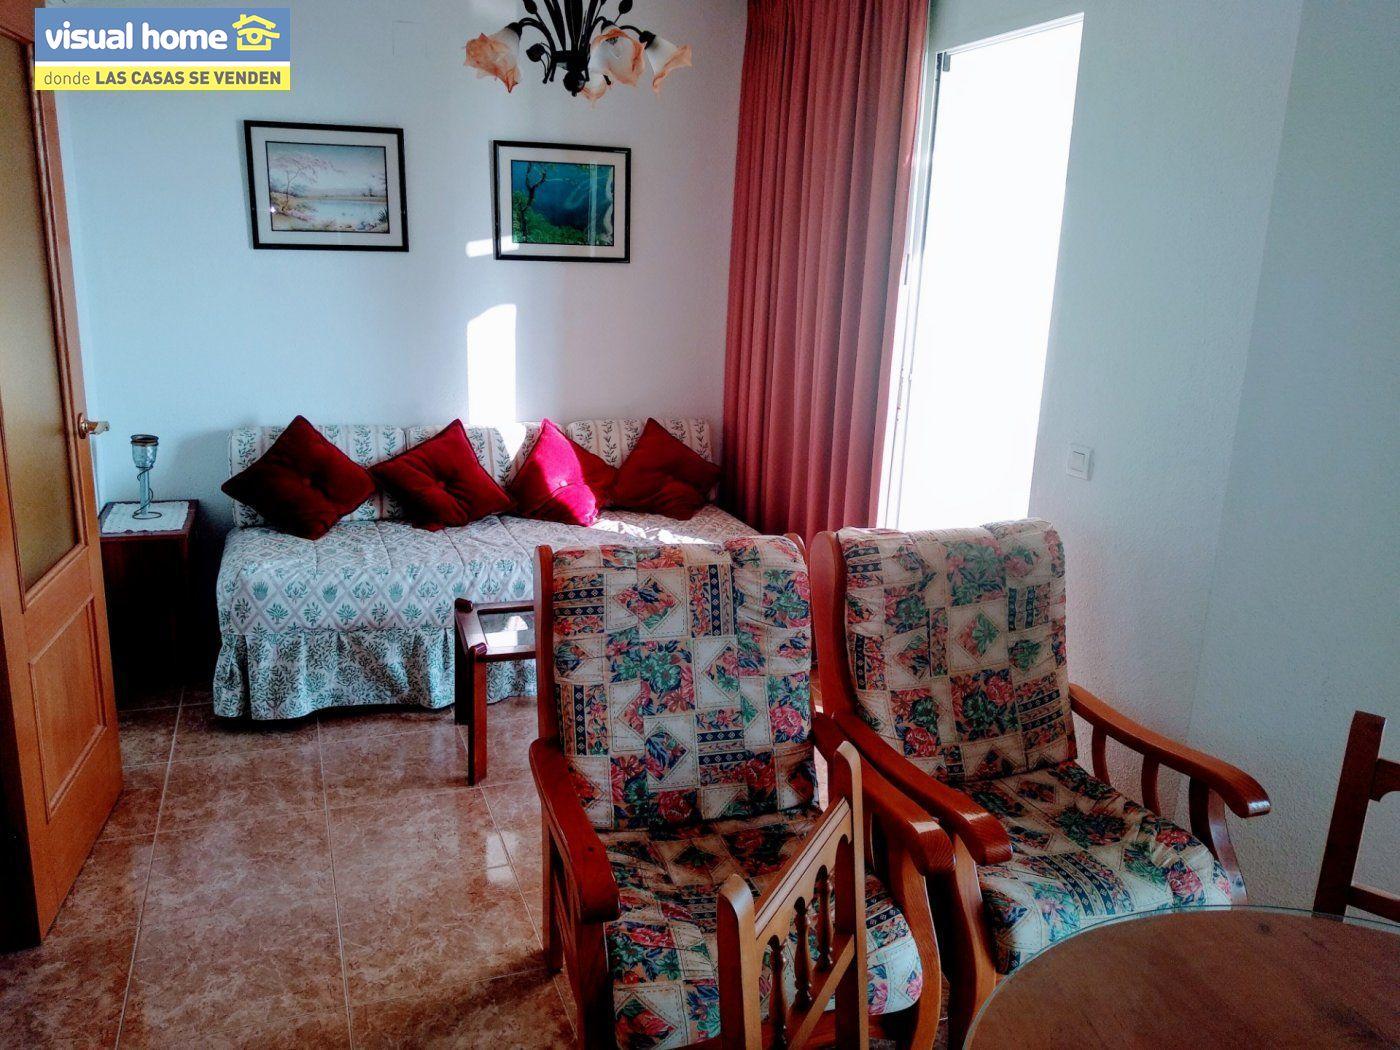 Apartamento 1 dormitorio con vistas espectaculares con parking y piscina en Rincón de Loix llano 4